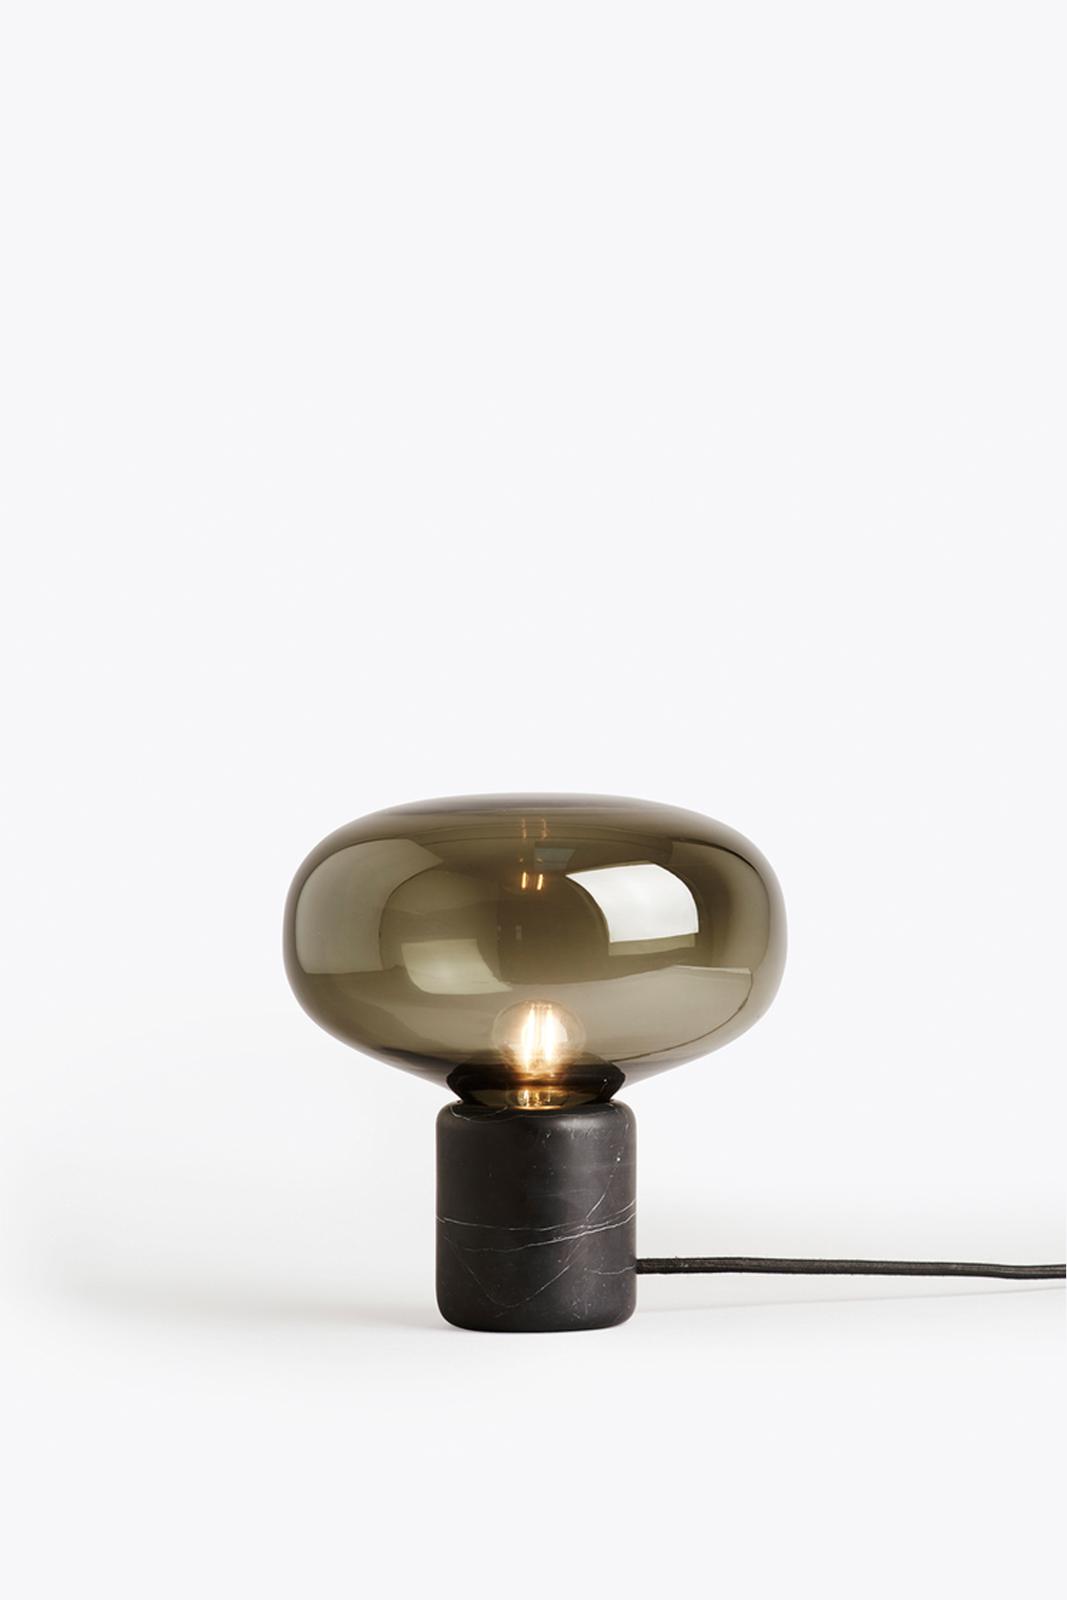 Karl Johan Table Lamp Black Marquina Marble, Smoked Glass